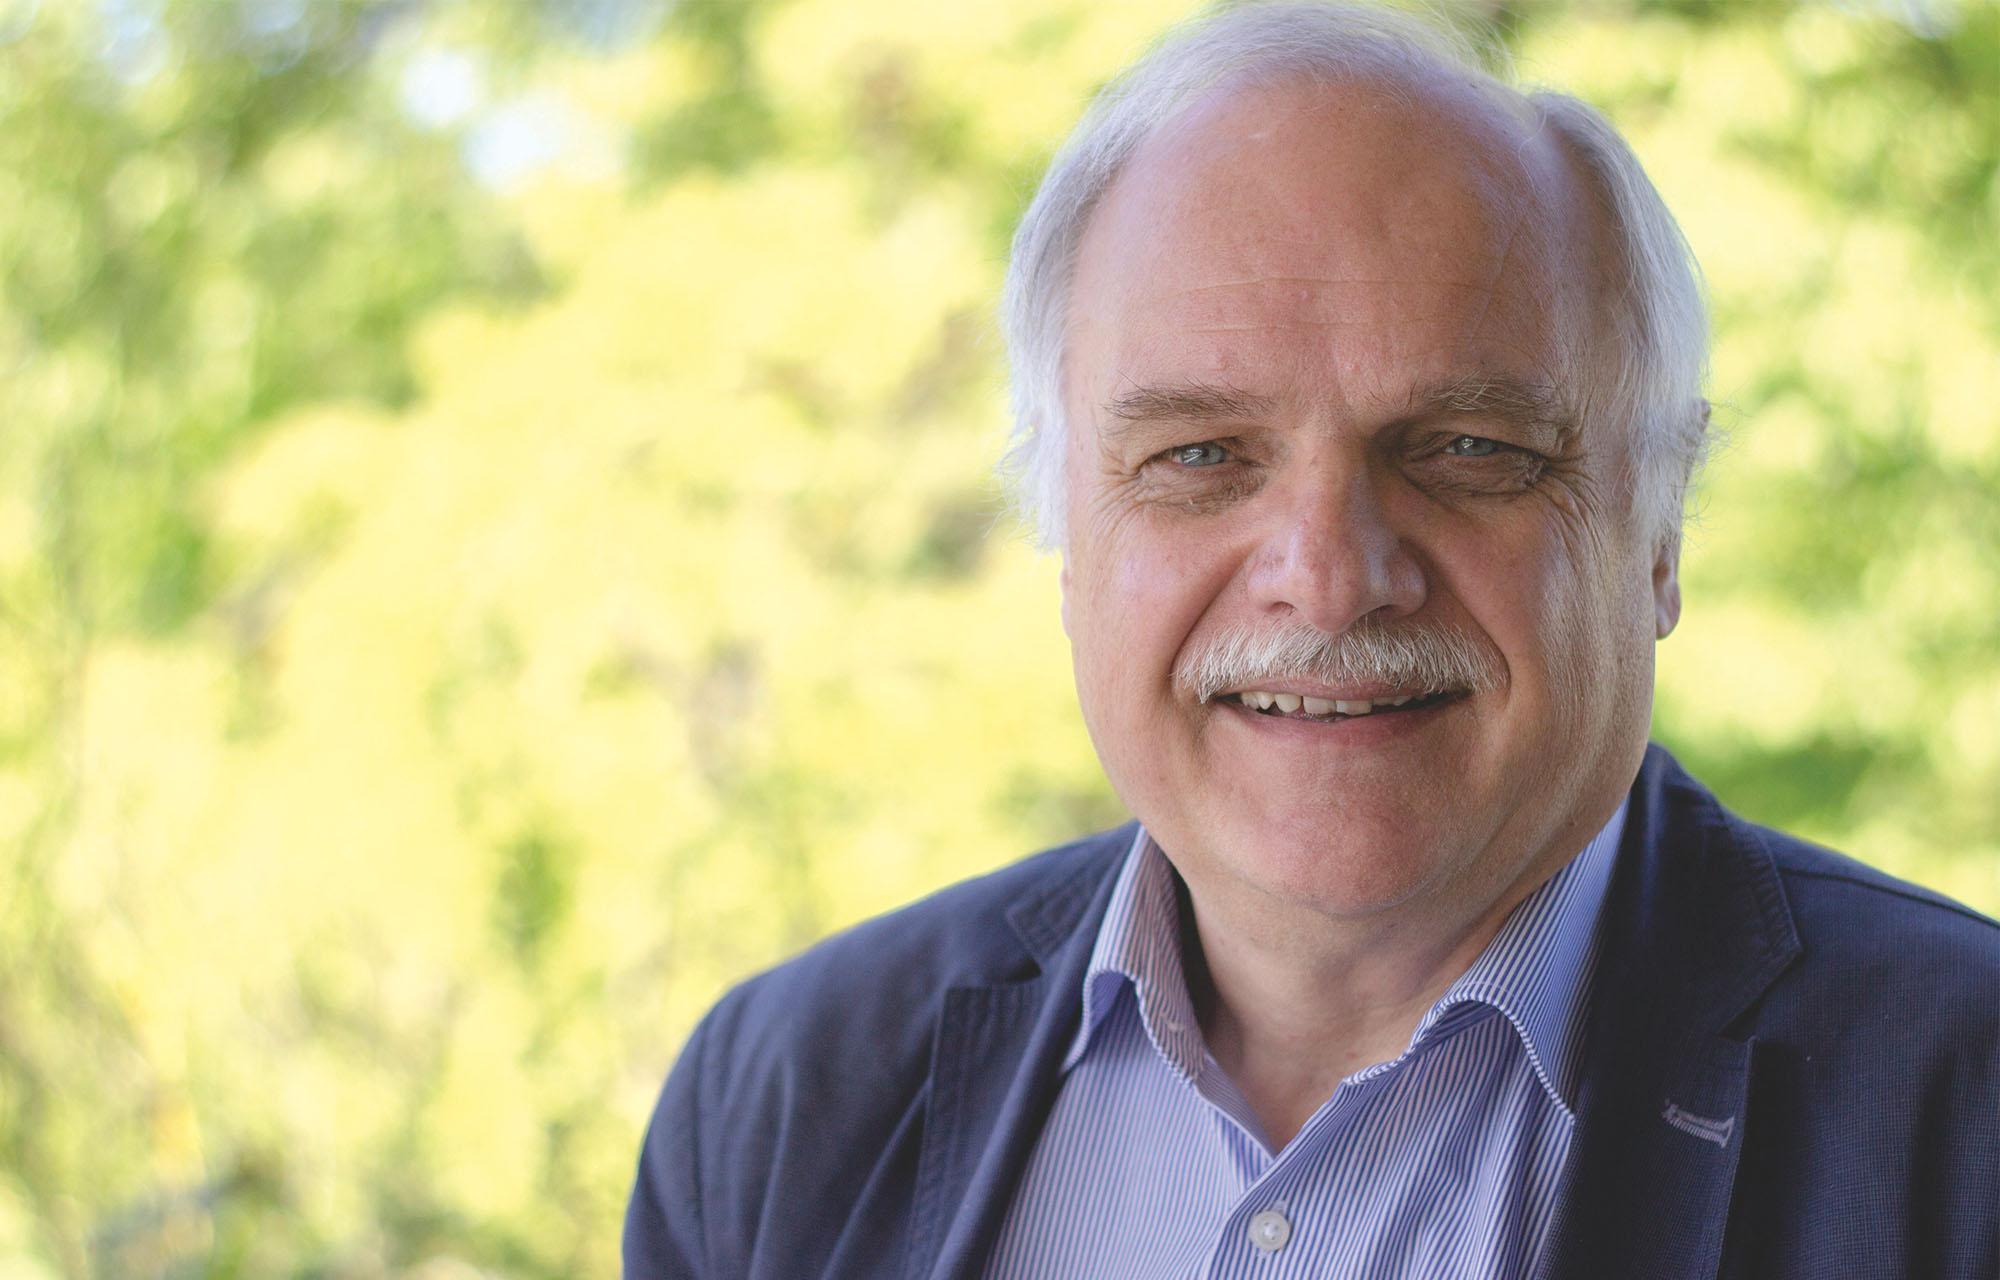 Horst Niesyto; Portraitfoto (2017); Foto: Daniel Trüby